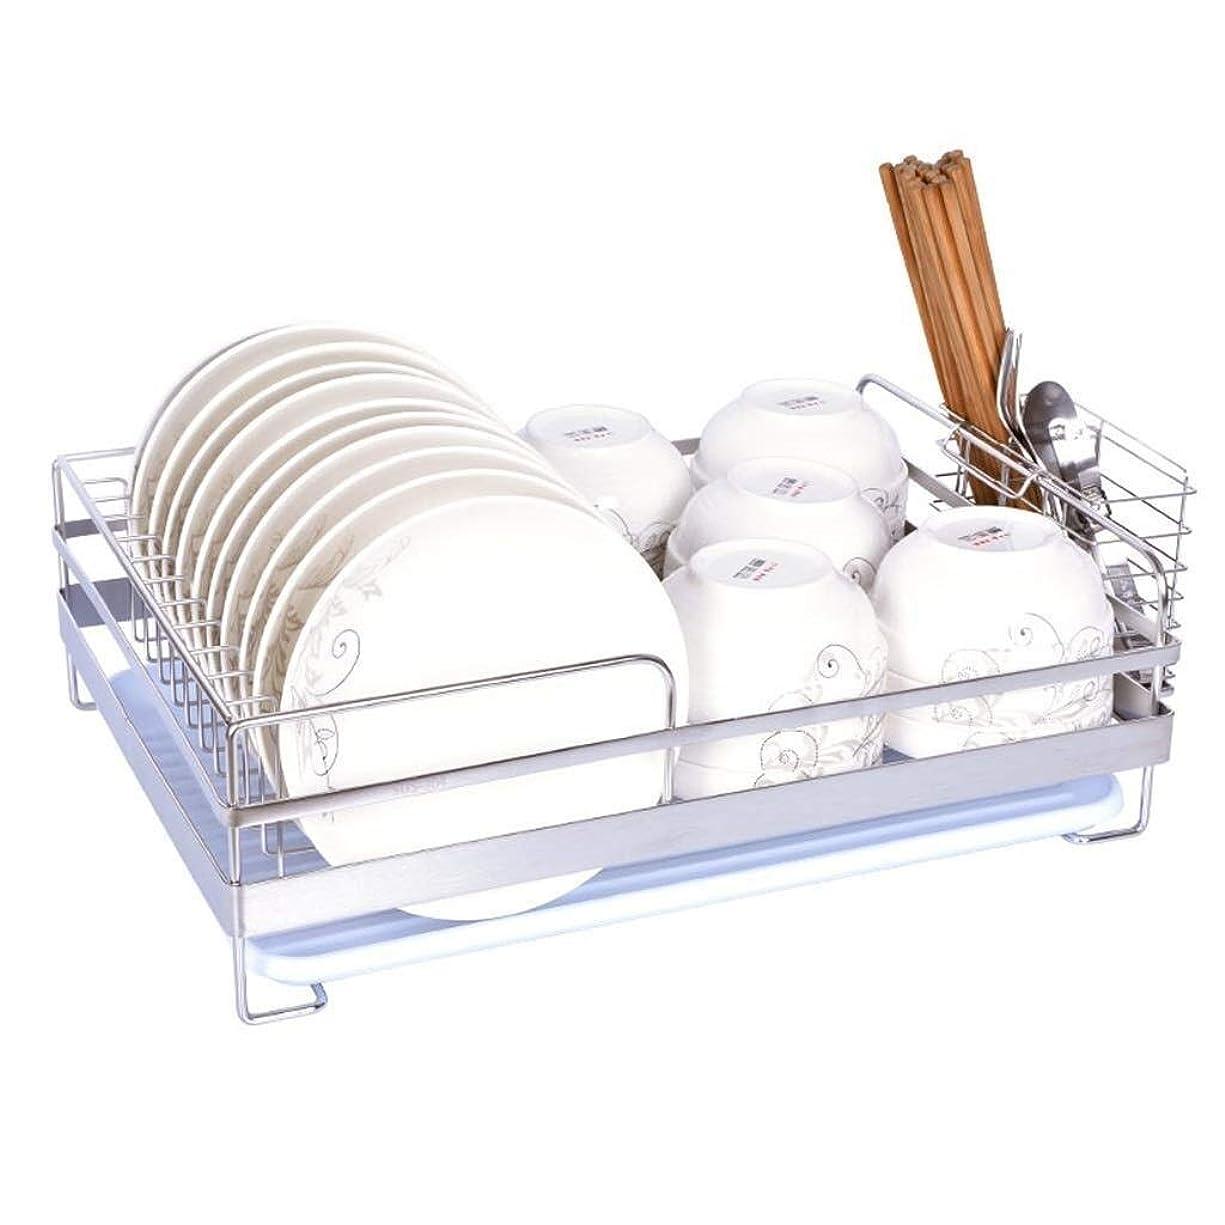 感謝する故意のペイントチュアンロン 単層の贅沢なステンレス鋼のさび止めの台所食器洗い機の乾燥の棚、点滴トレイが付いているボール/皿/コップの収納ラック